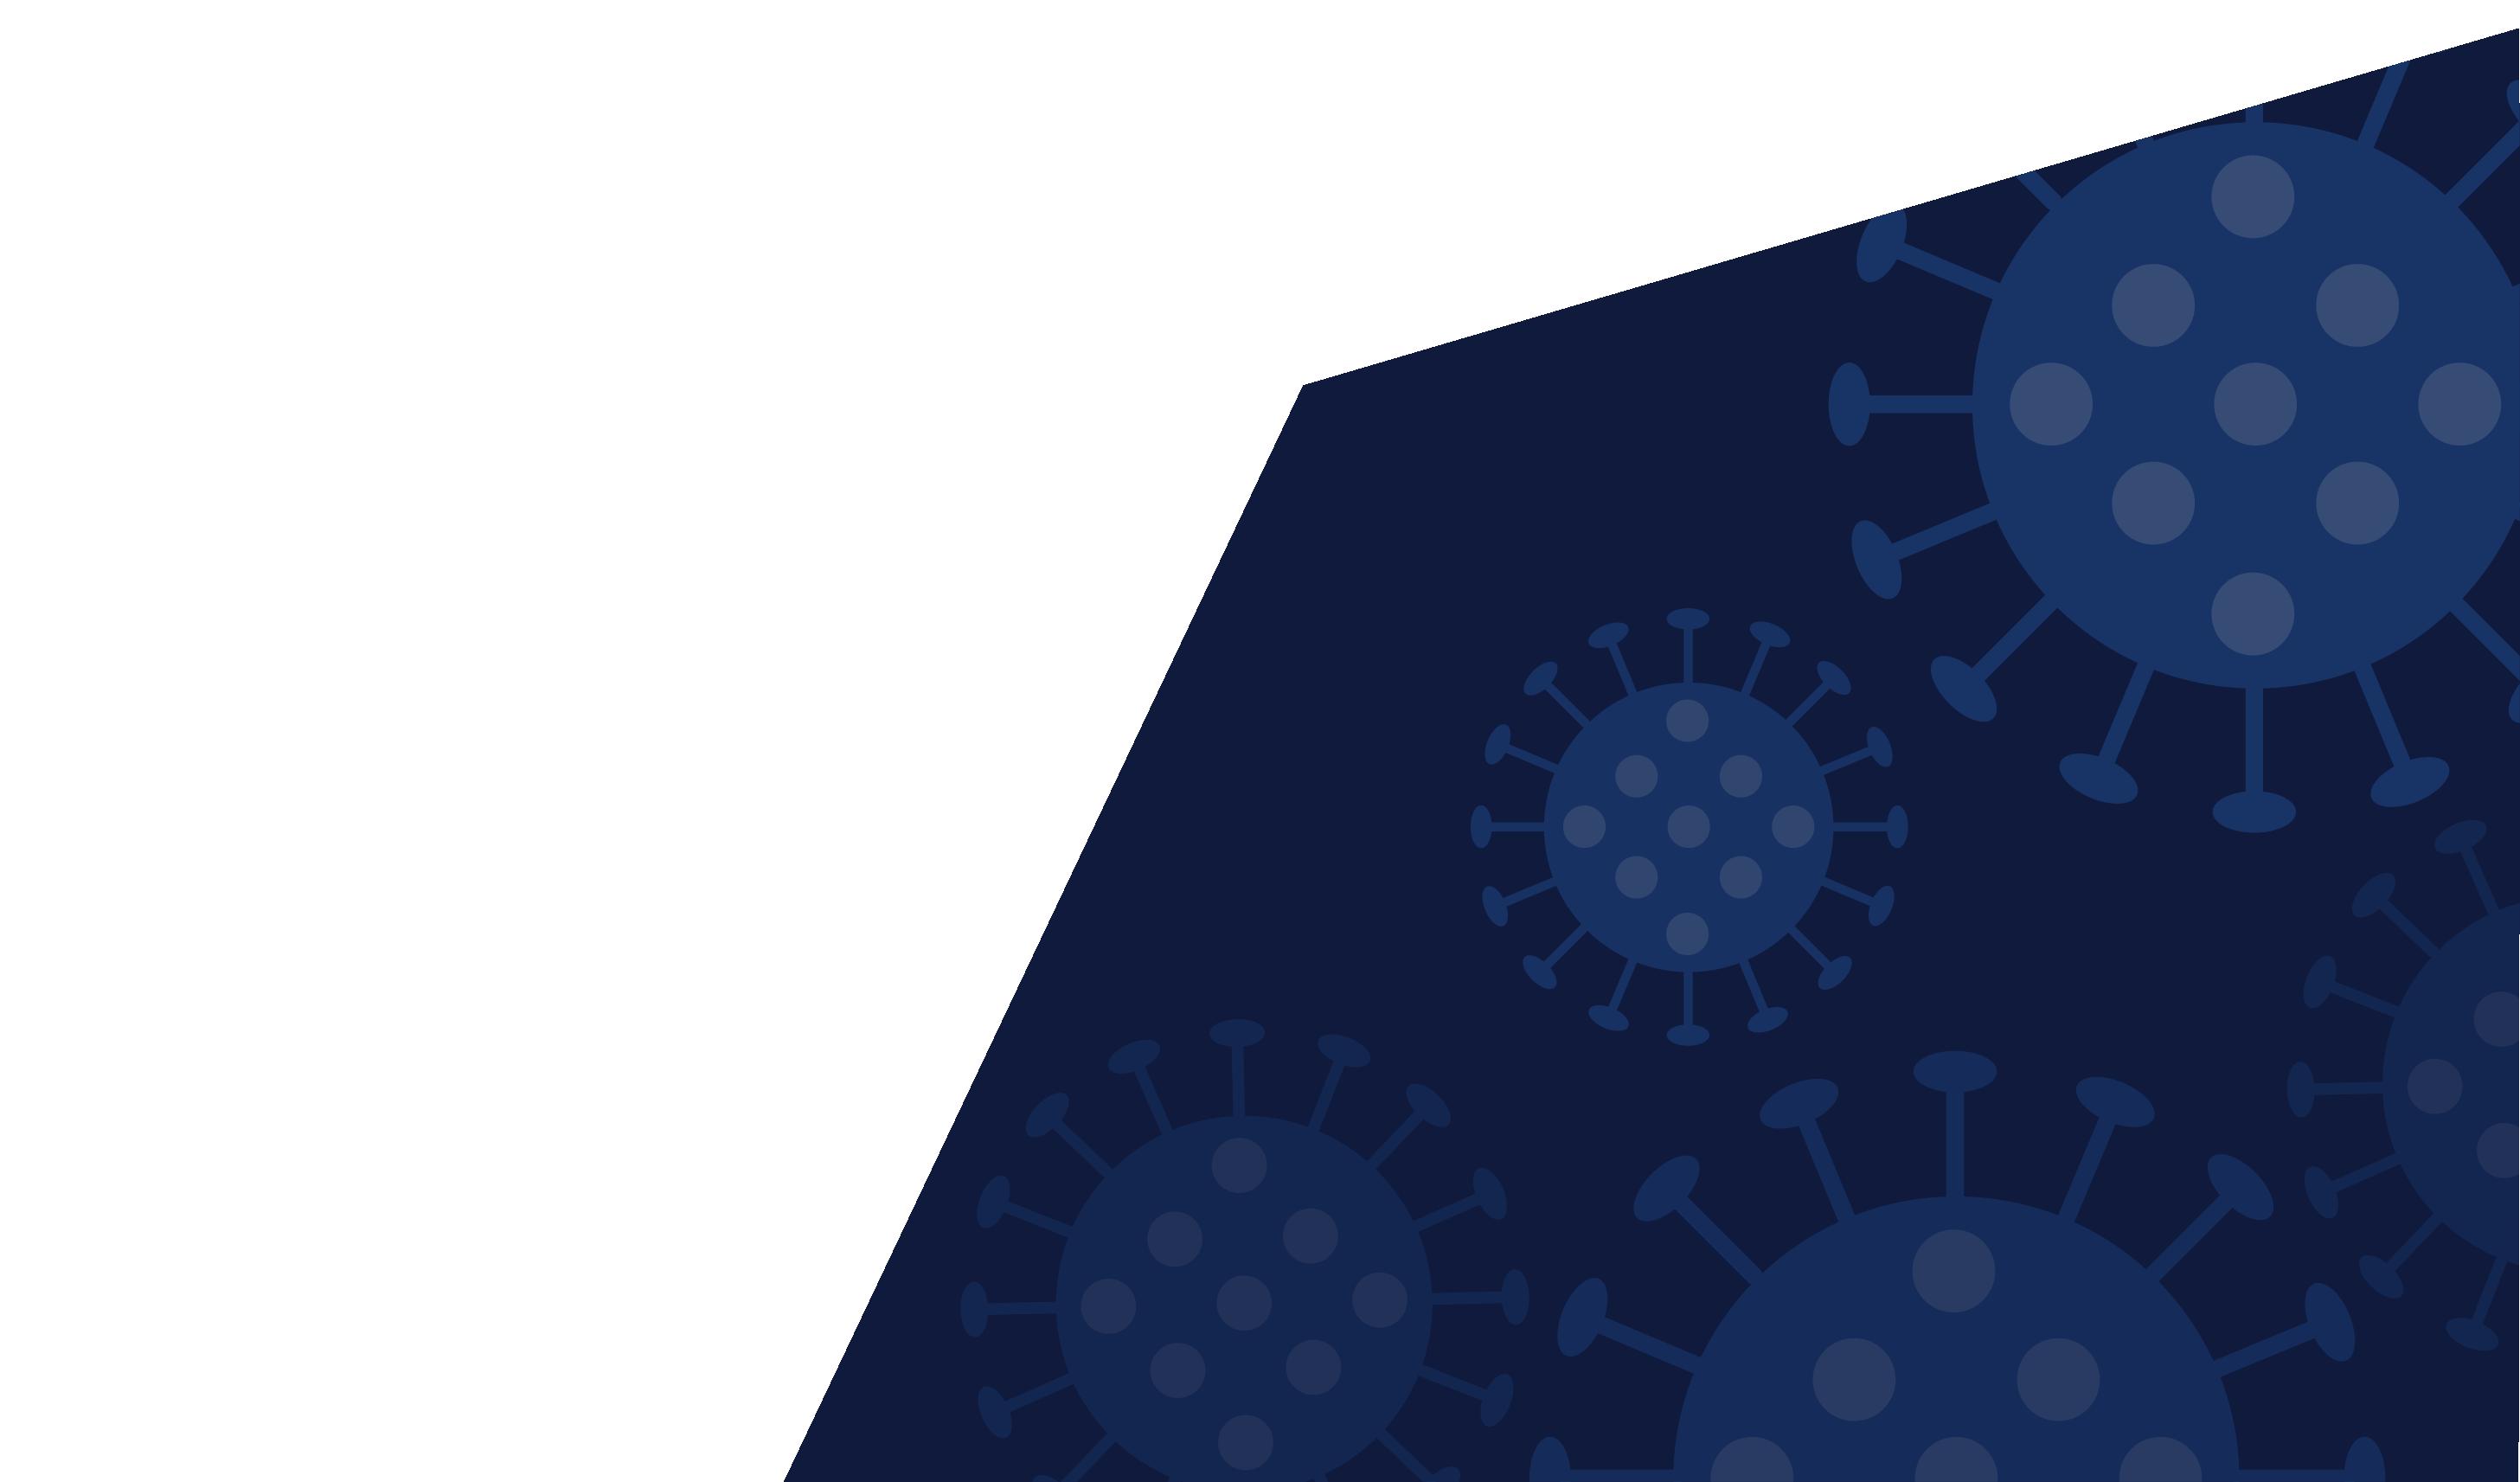 Covid web graphic